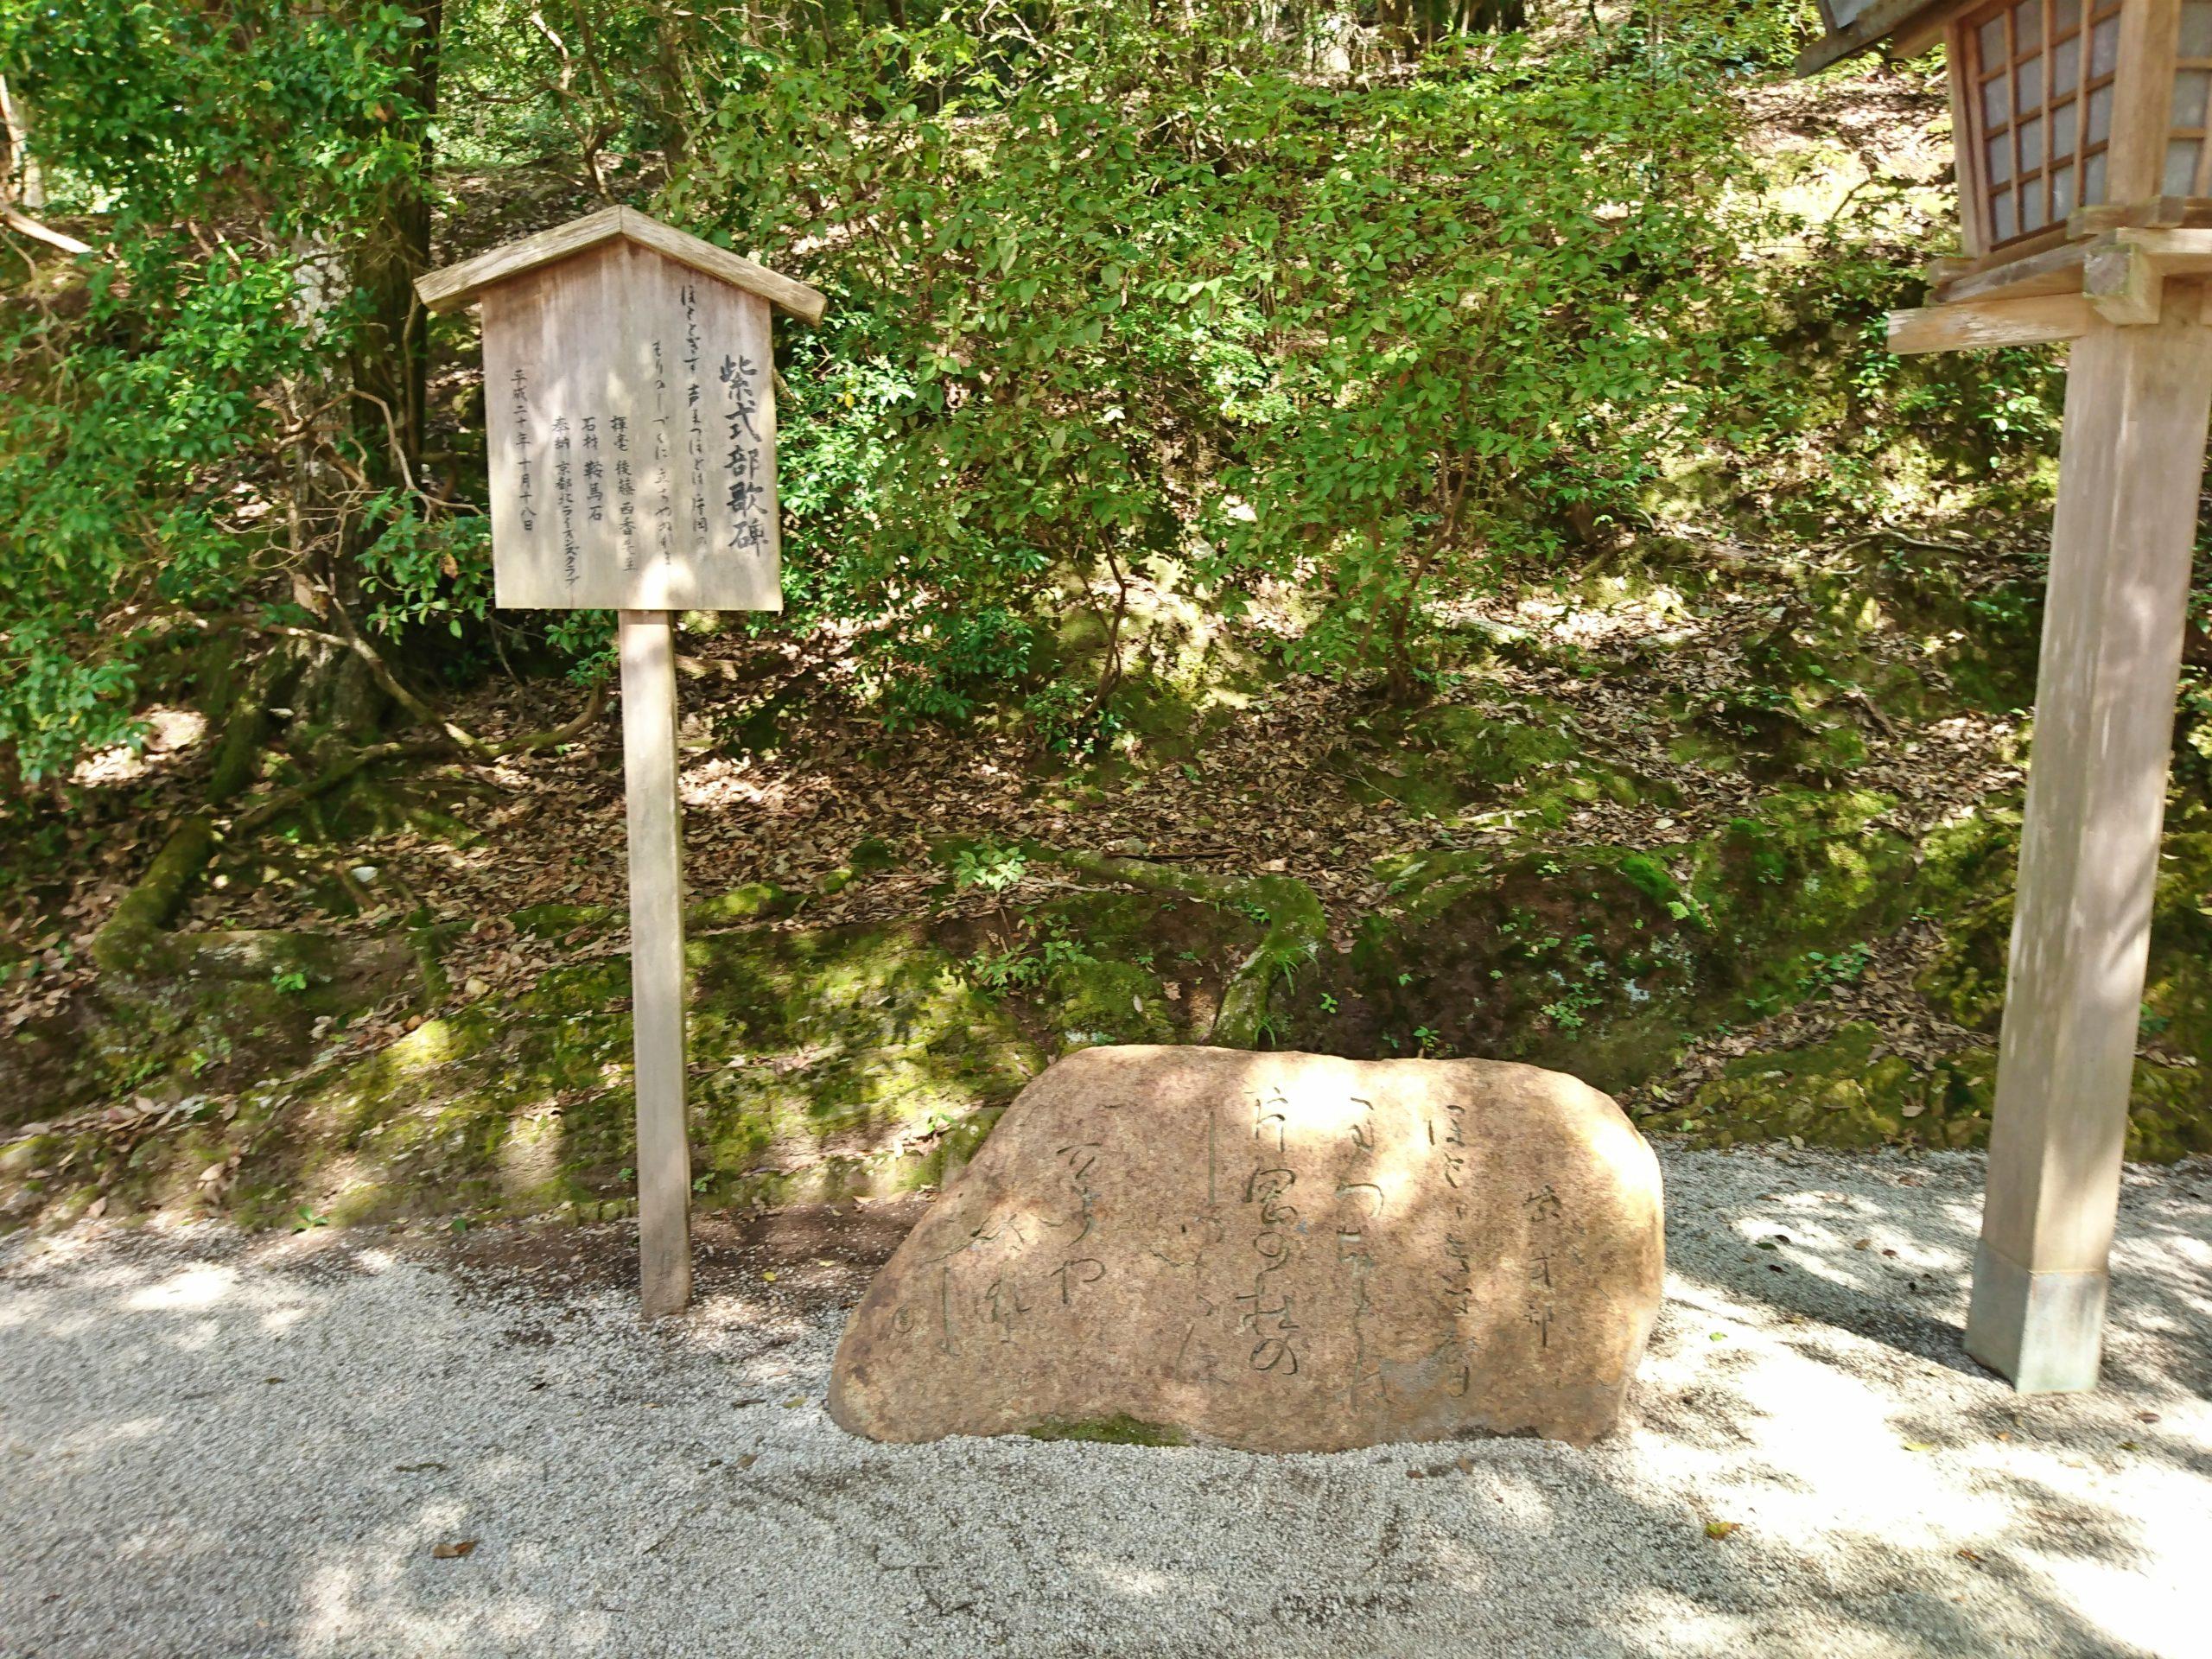 上賀茂神社の境内にある紫式部の歌碑